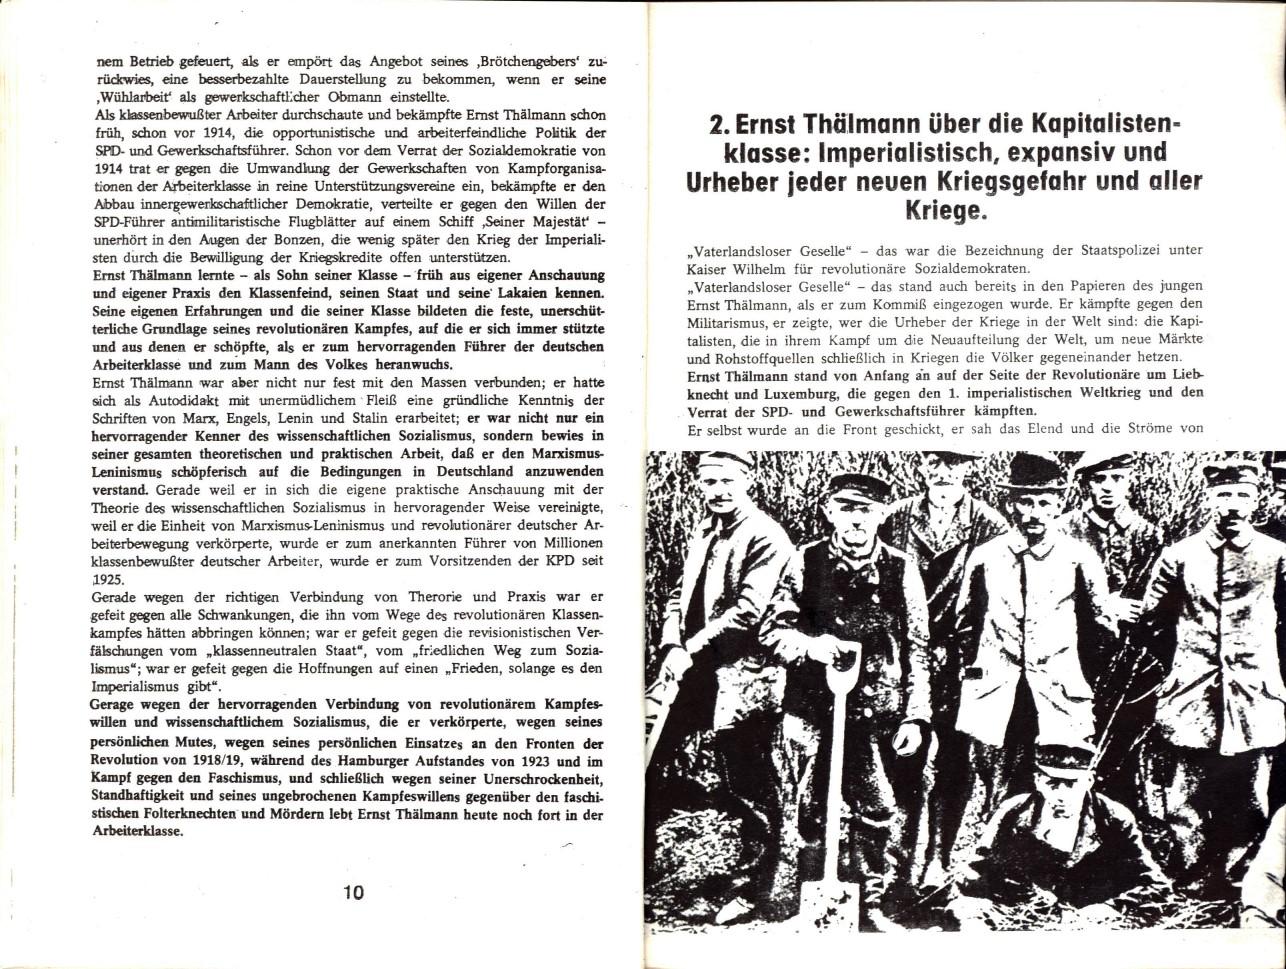 KPDAO_1974_Ernst_Thaelmann_07